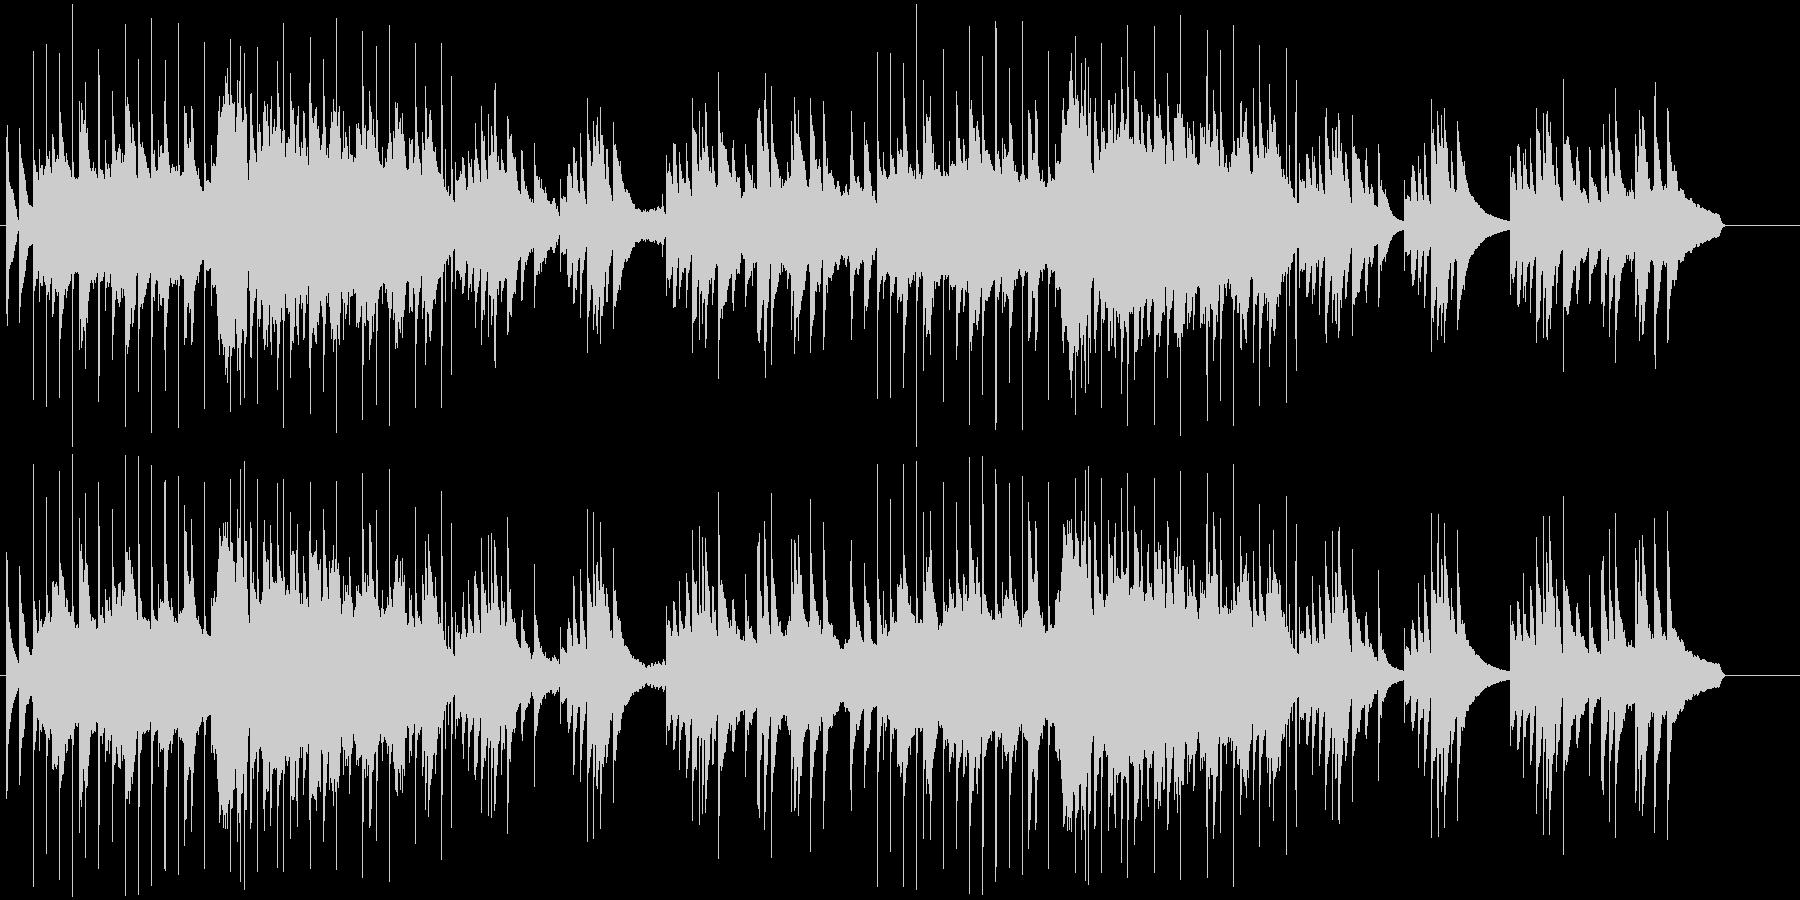 和風の落ち着いた琴と尺八の使いやすい曲の未再生の波形